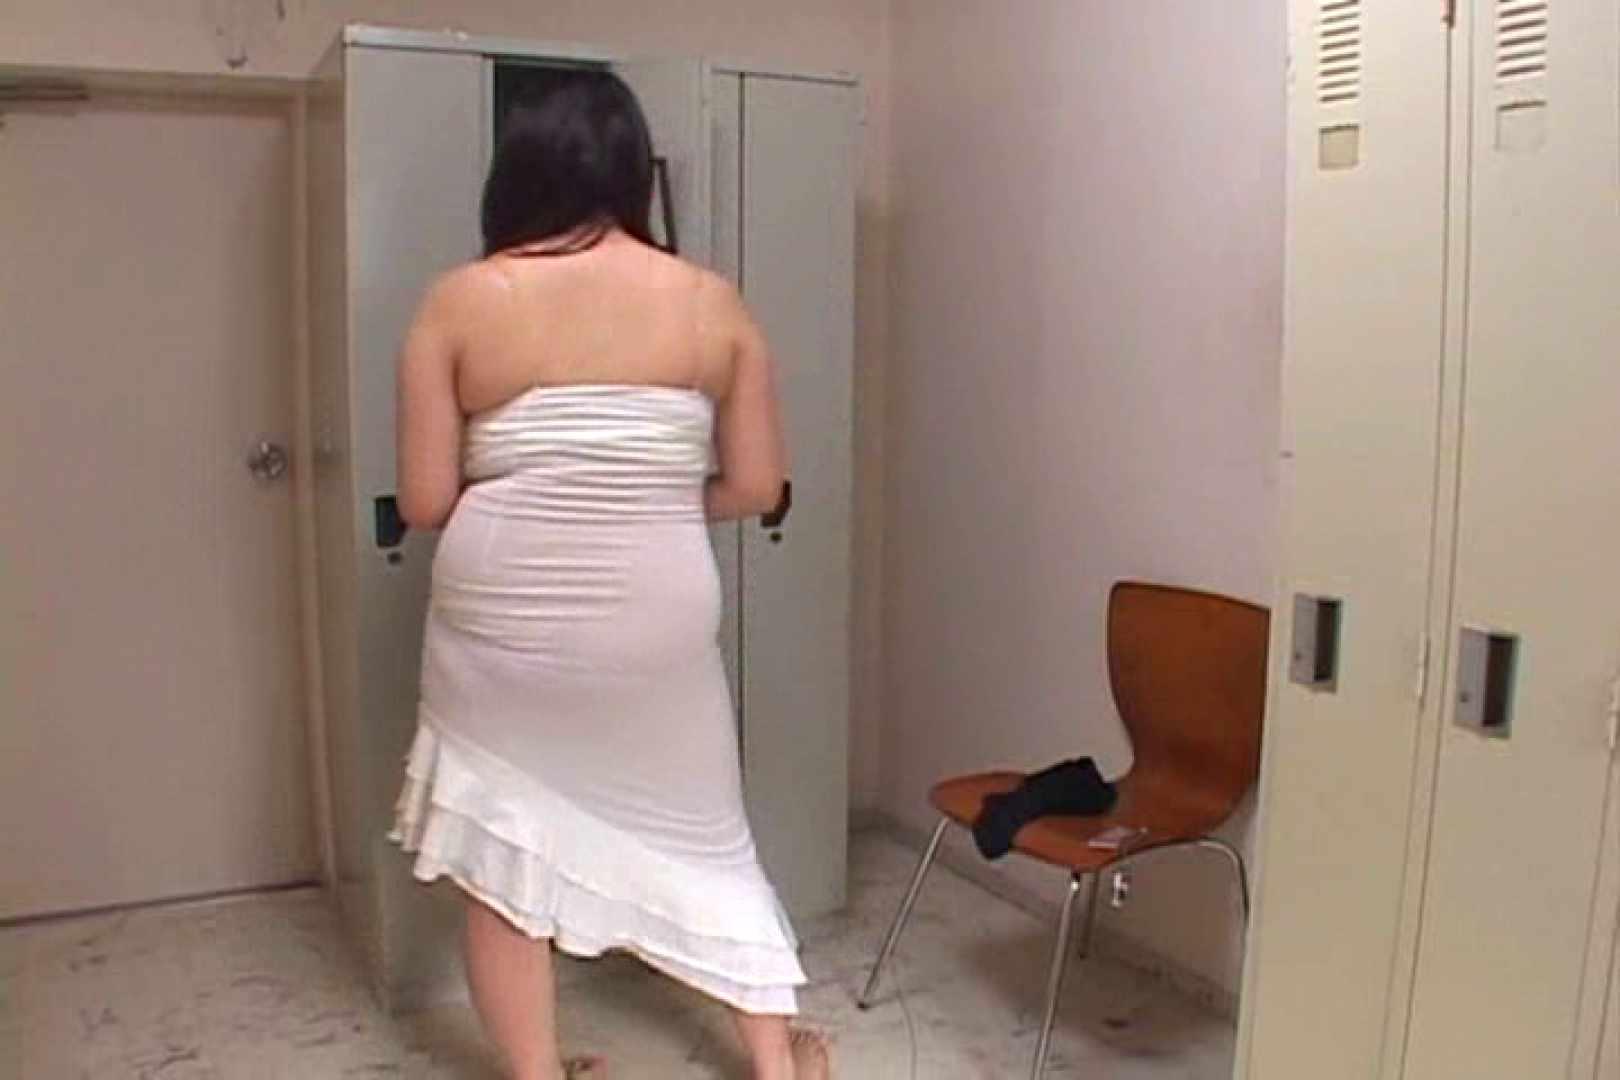 キャバ嬢舞台裏Vol.5 お姉さん丸裸 オマンコ無修正動画無料 88pic 78